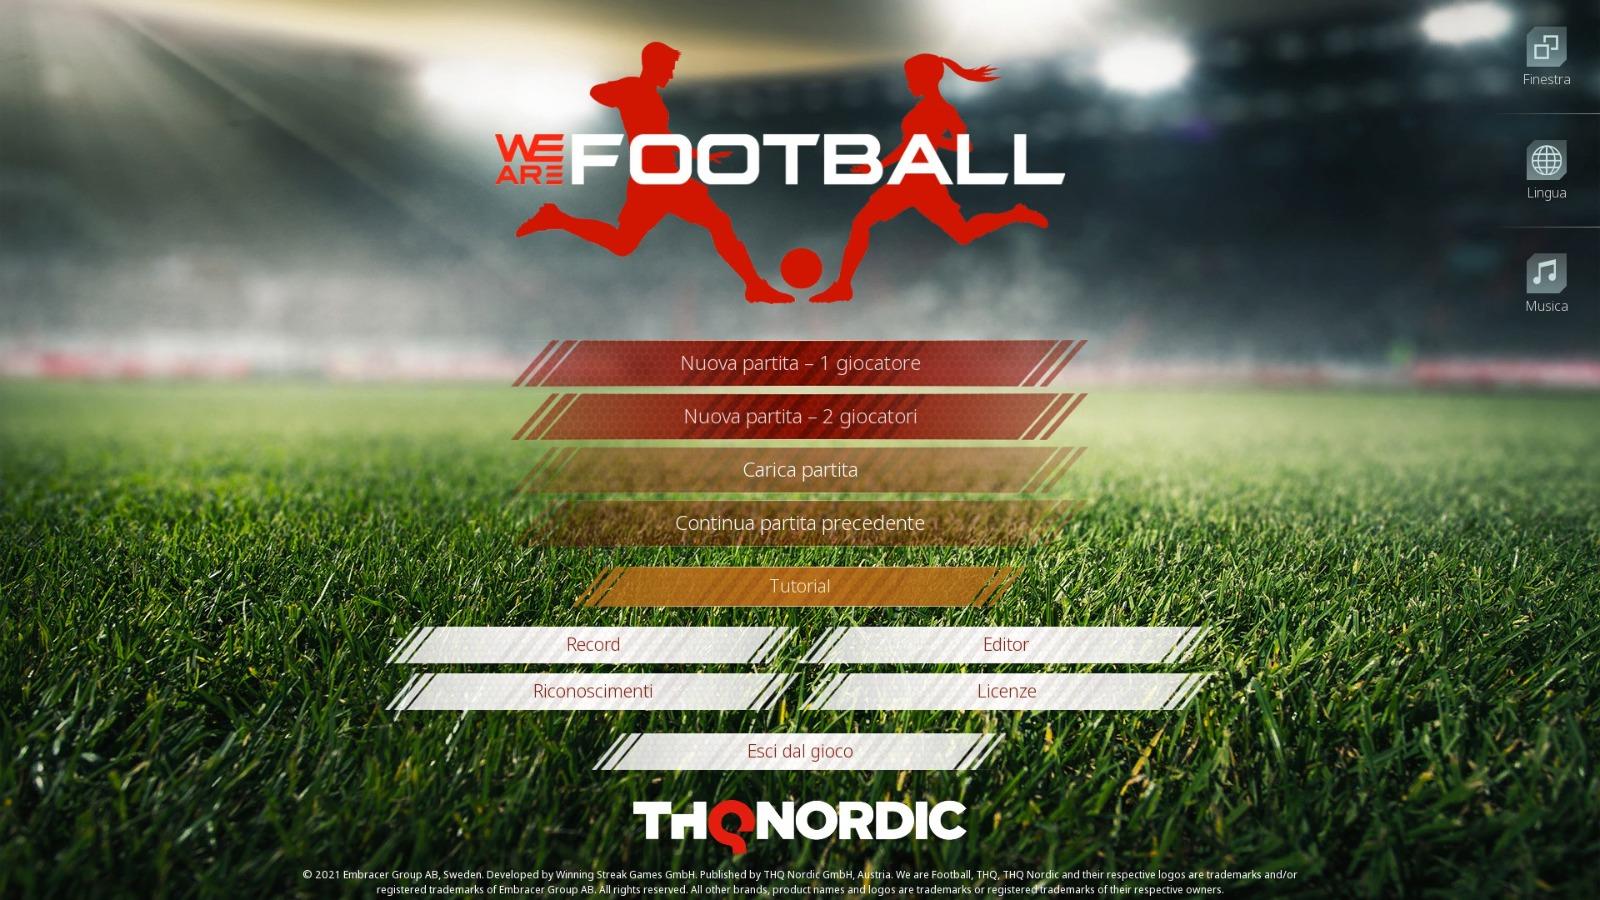 La recensione di We are Football: ecco il nuovo manageriale thumbnail